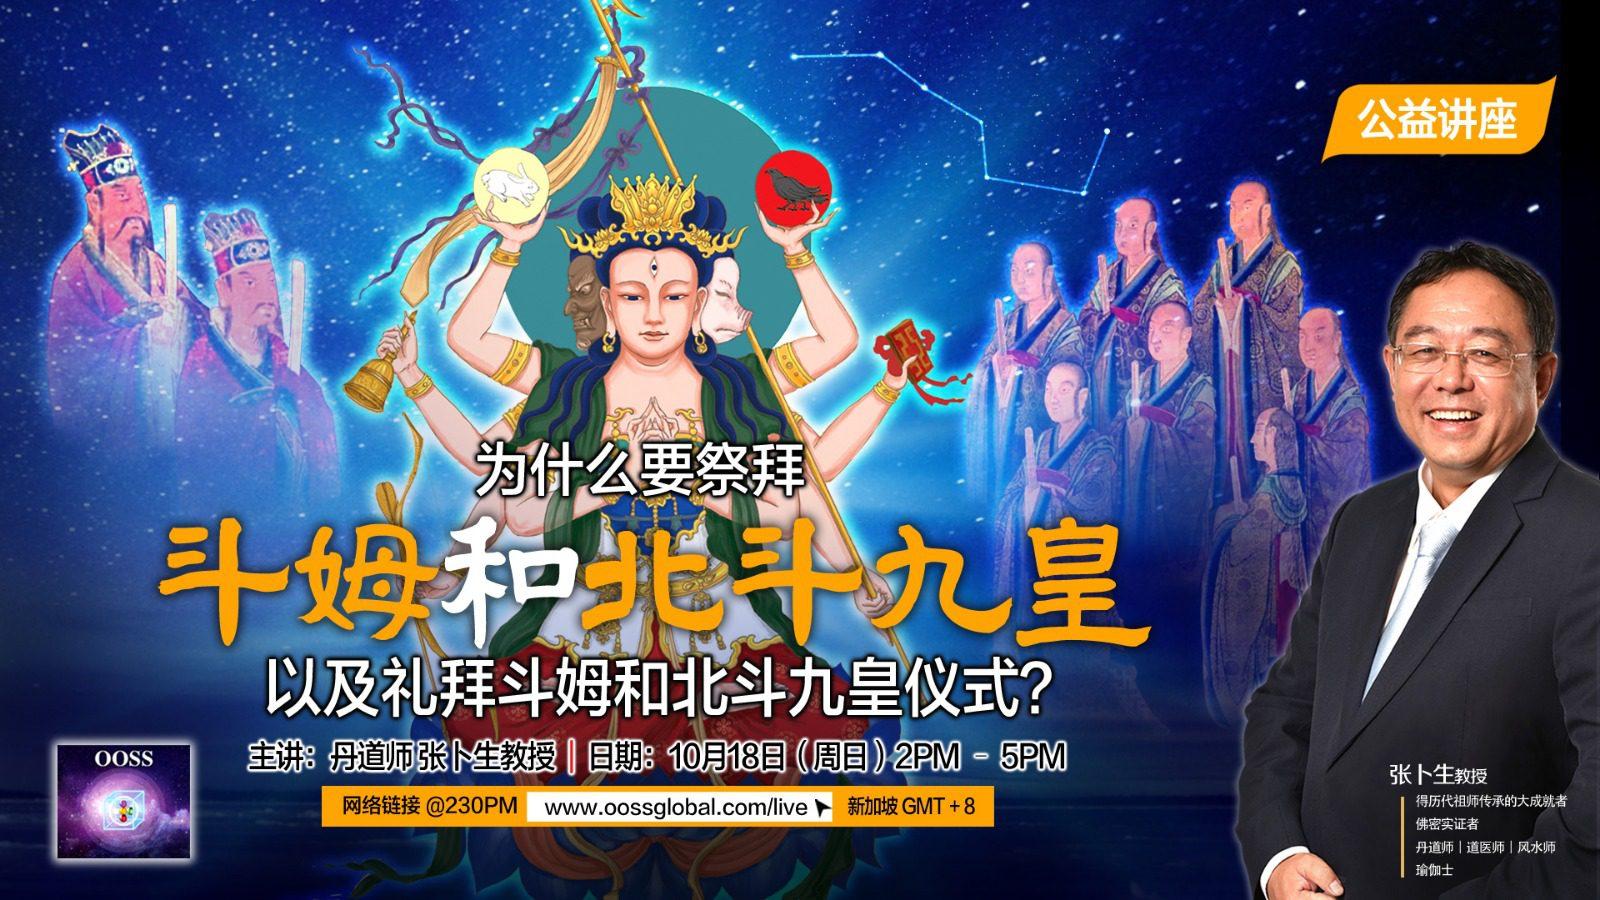 2020年10月18日-公益讲座:为什么要祭拜斗姆和北斗九皇?